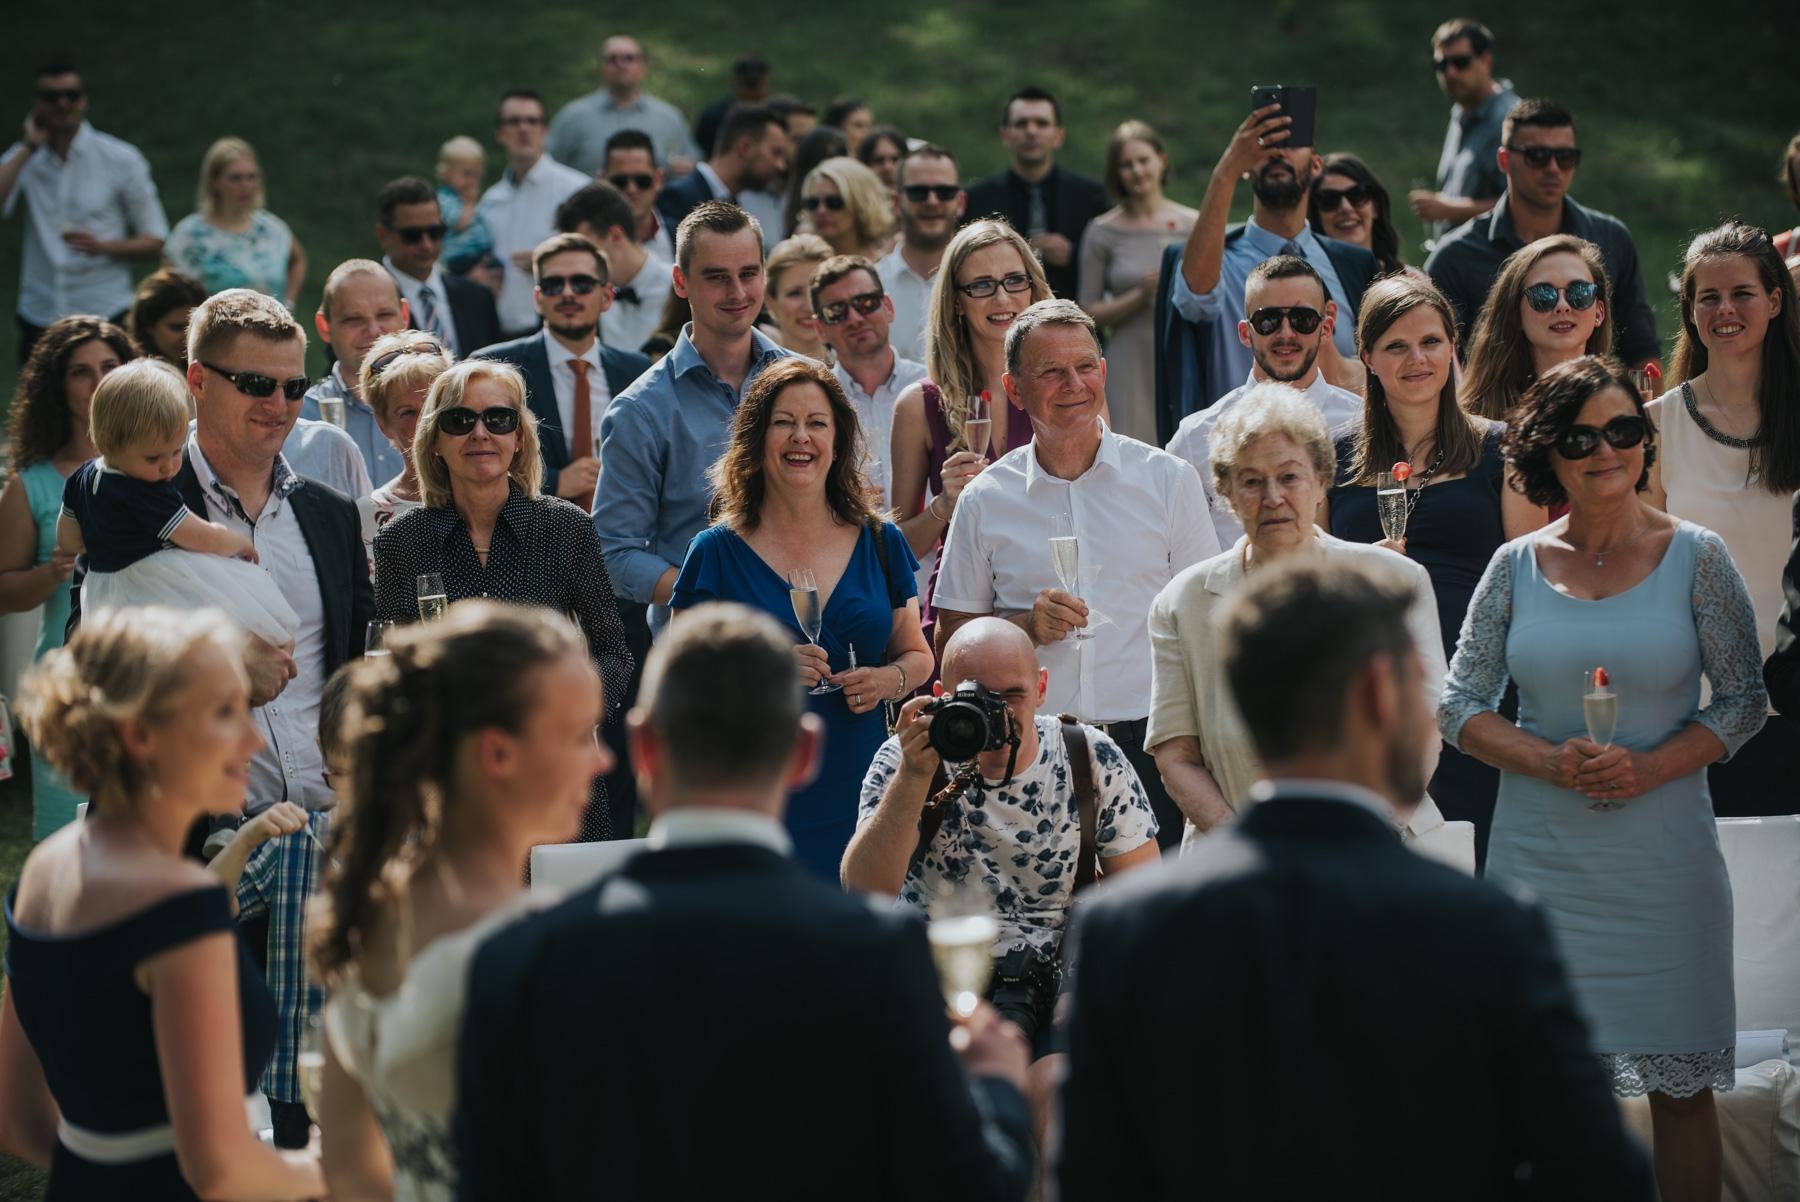 Goran VK wedding - Slovenia Velenje - Vadlja Kamenjašević